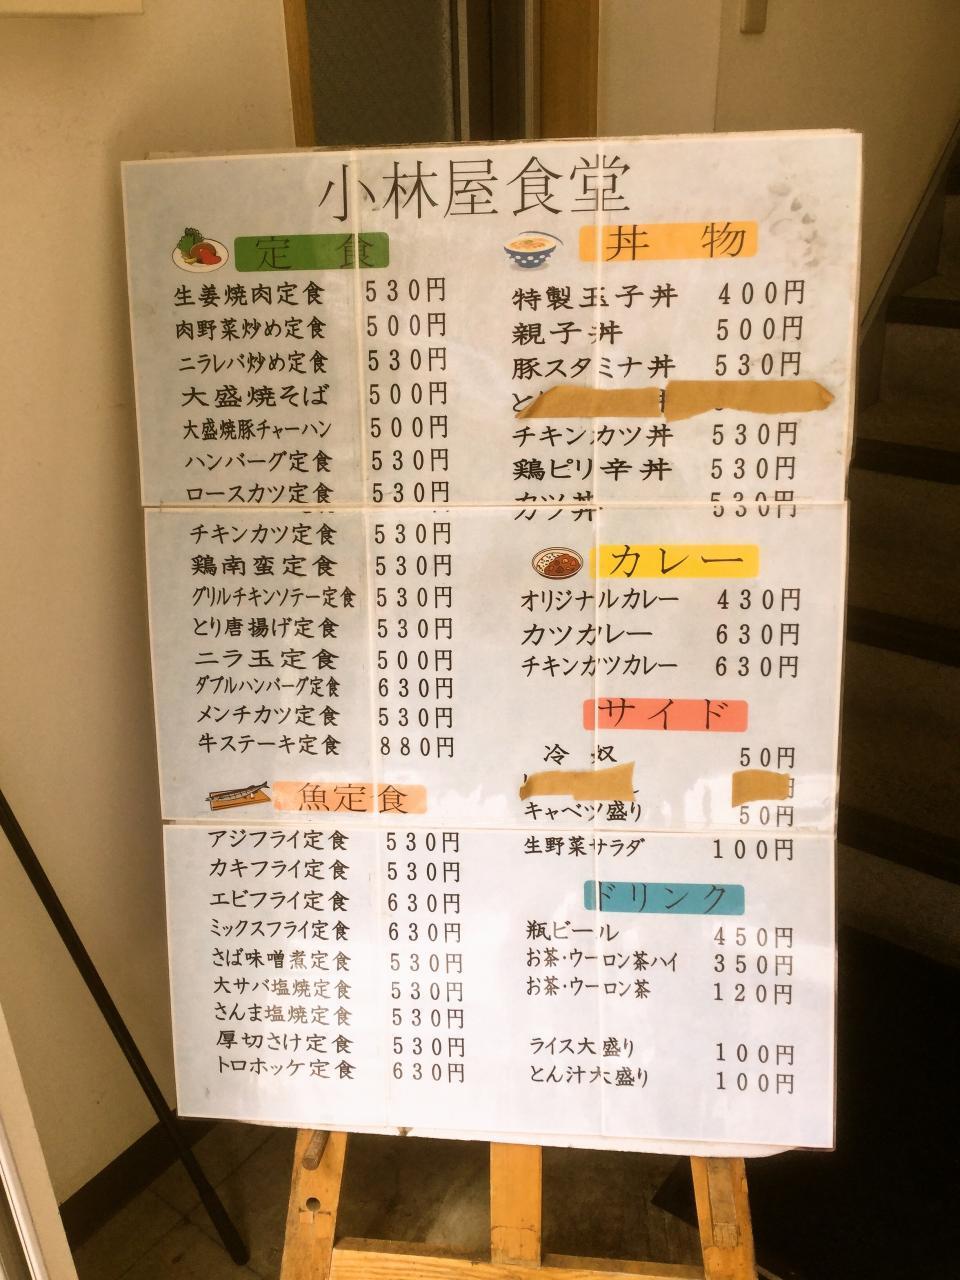 激安食堂 小林屋(店舗)